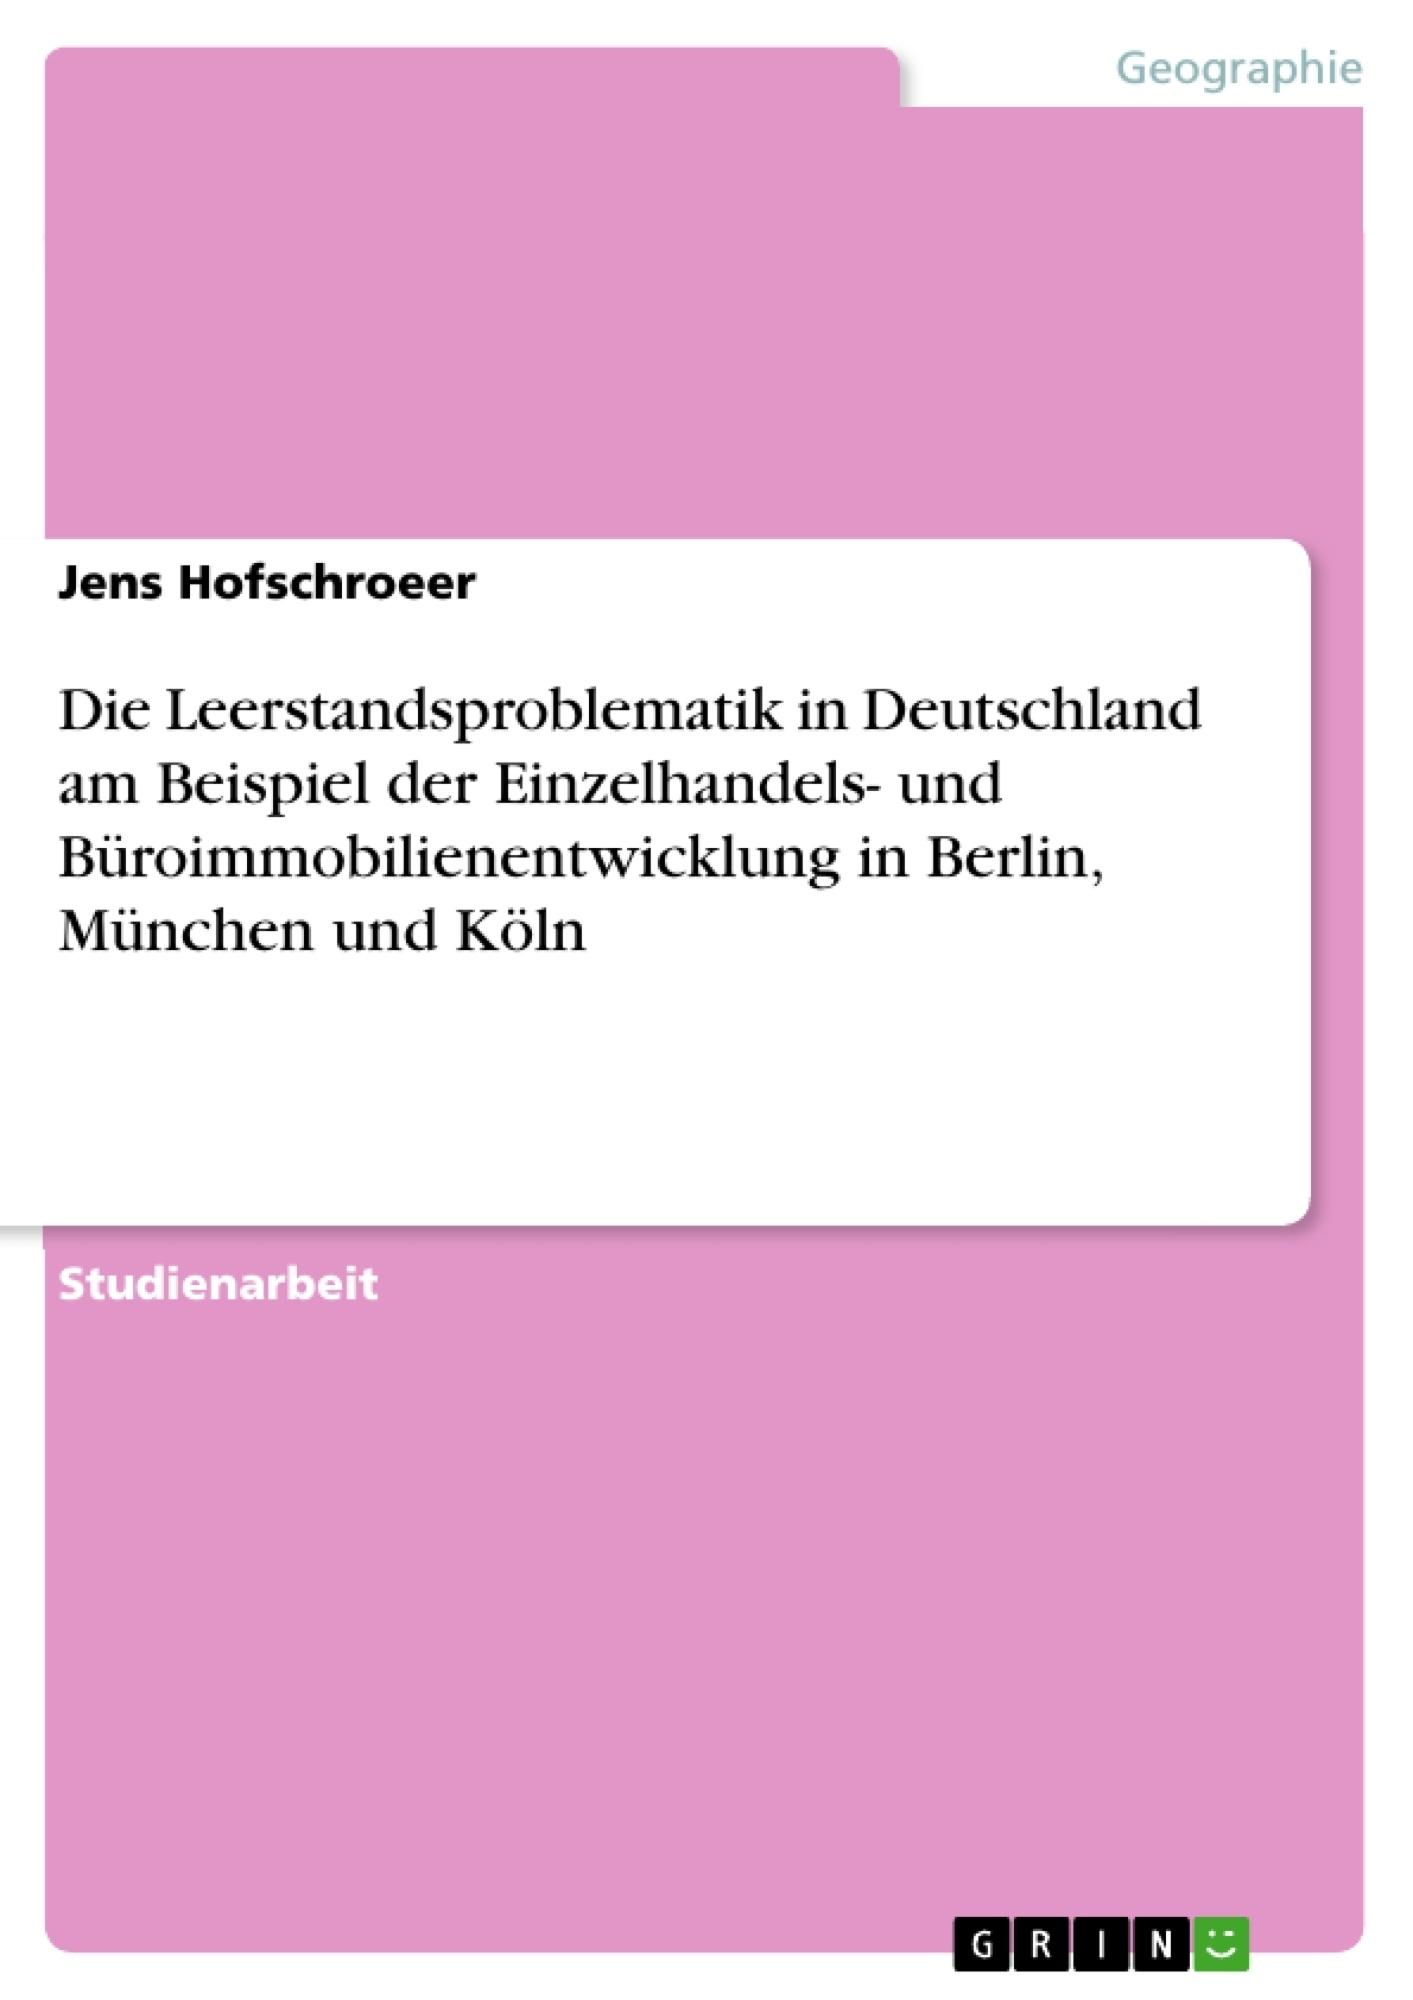 Titel: Die Leerstandsproblematik in Deutschland am Beispiel der Einzelhandels- und Büroimmobilienentwicklung in Berlin, München und Köln